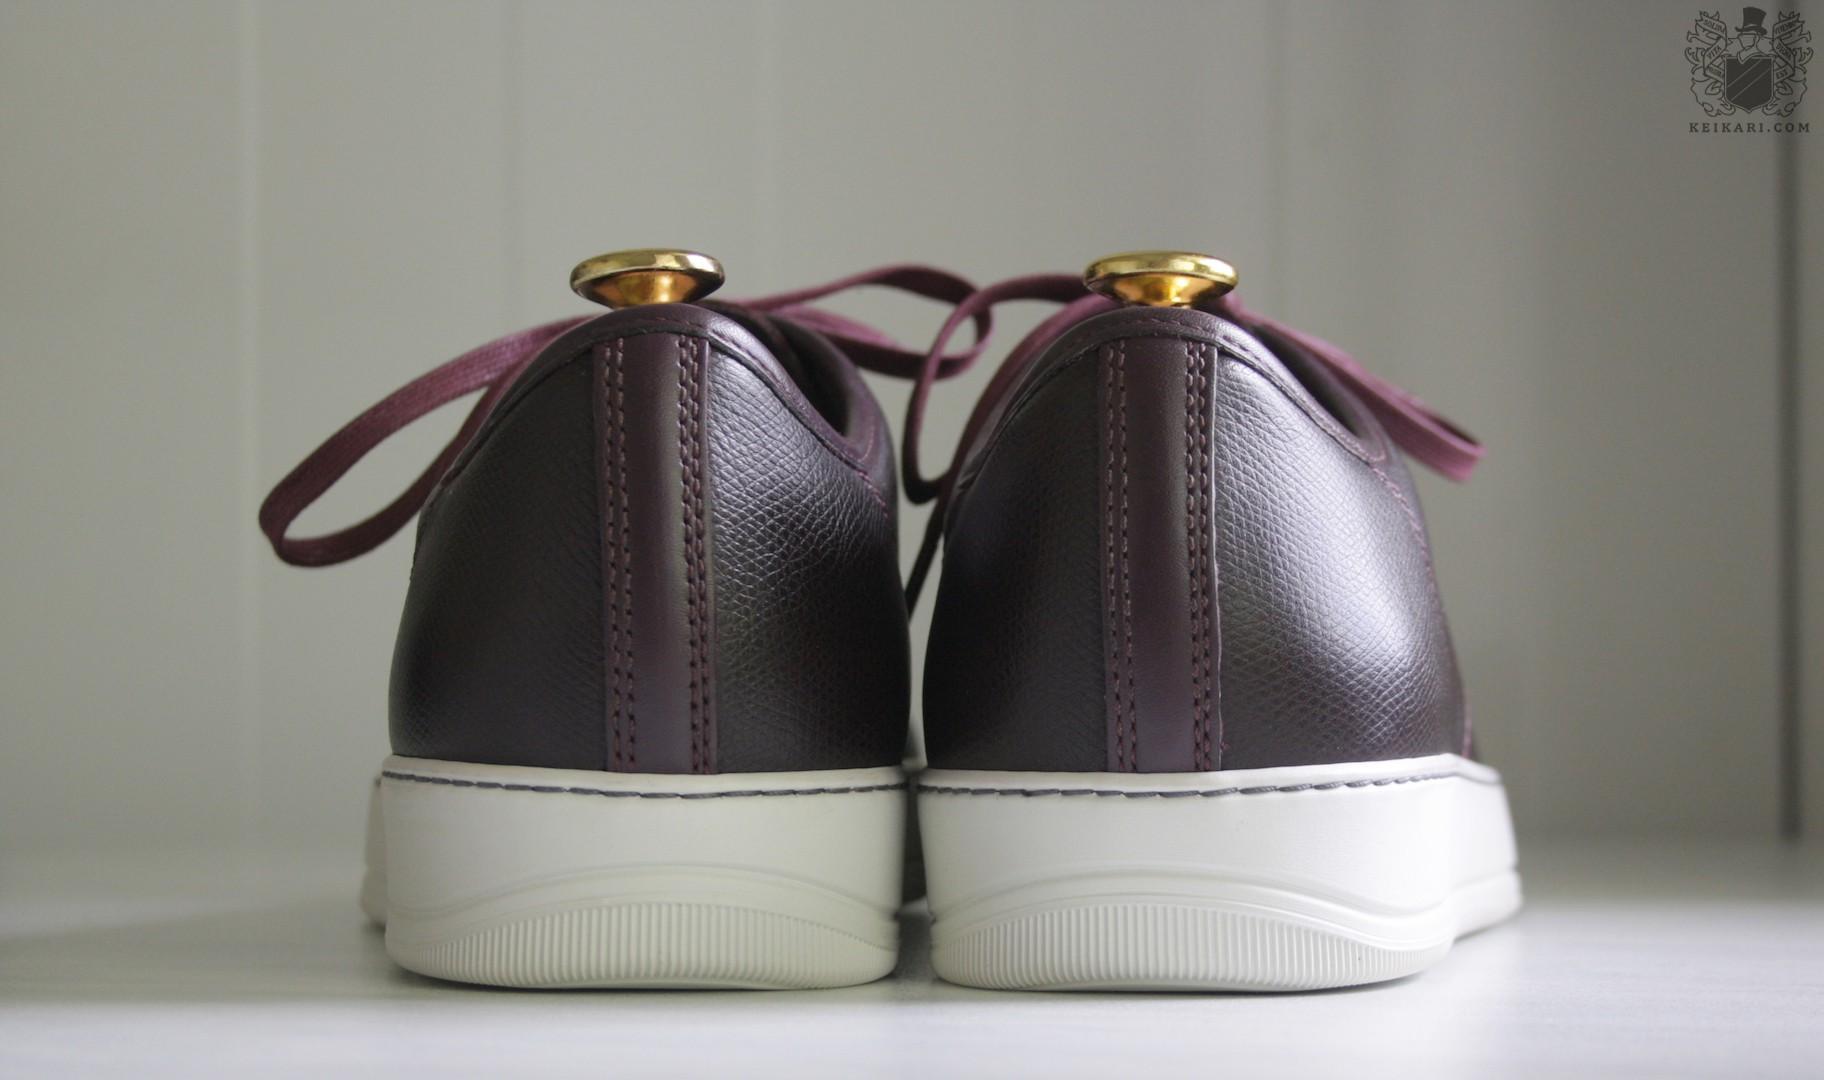 Anatomy_and_review_of_Lanvin_sneakers_at_Keikari_dot_com05.jpg